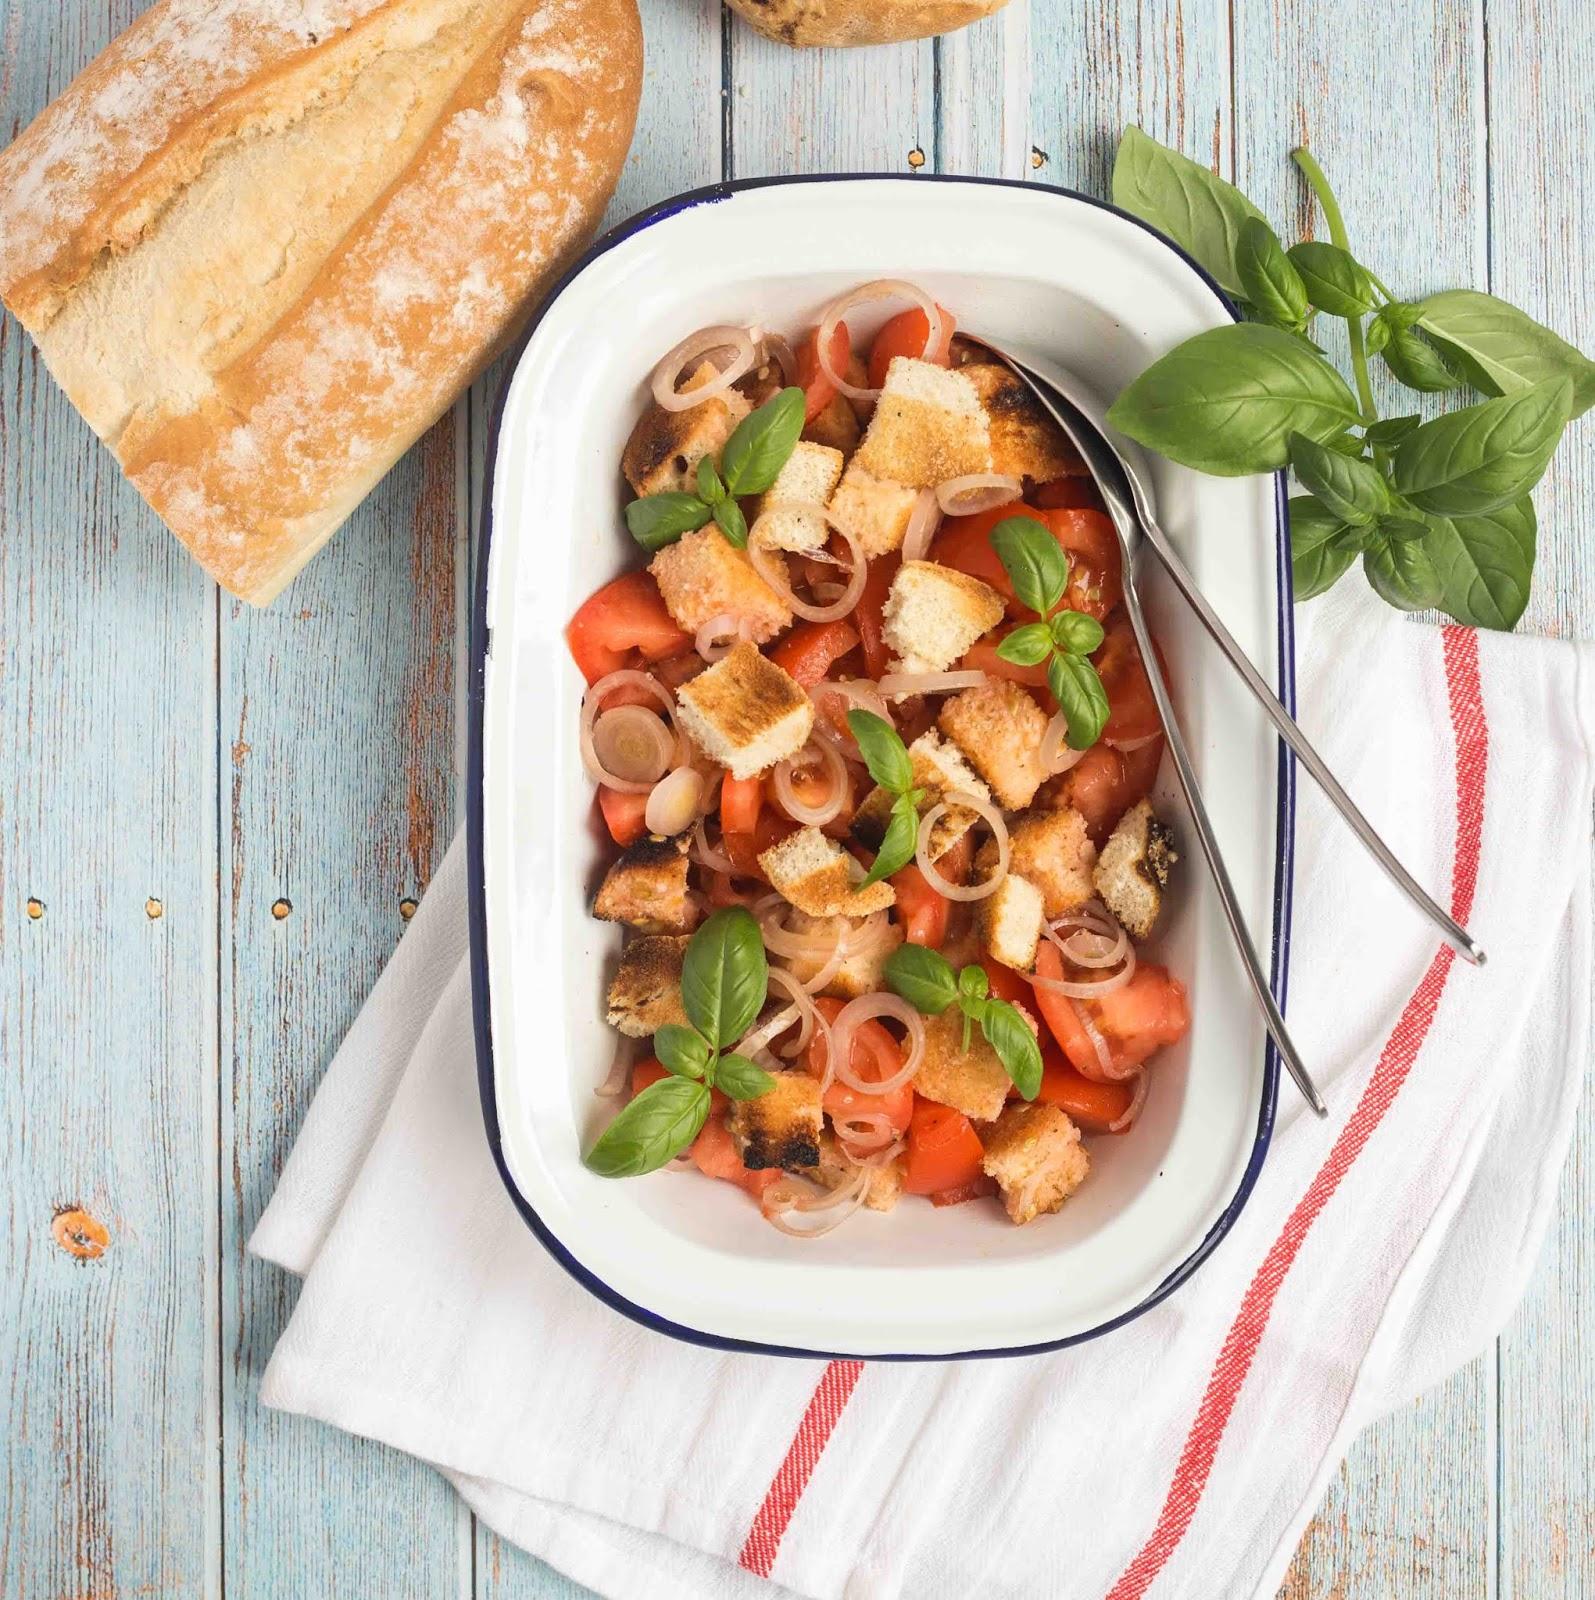 Receta facil de Panzanella - Tengo un horno y se como usarlo